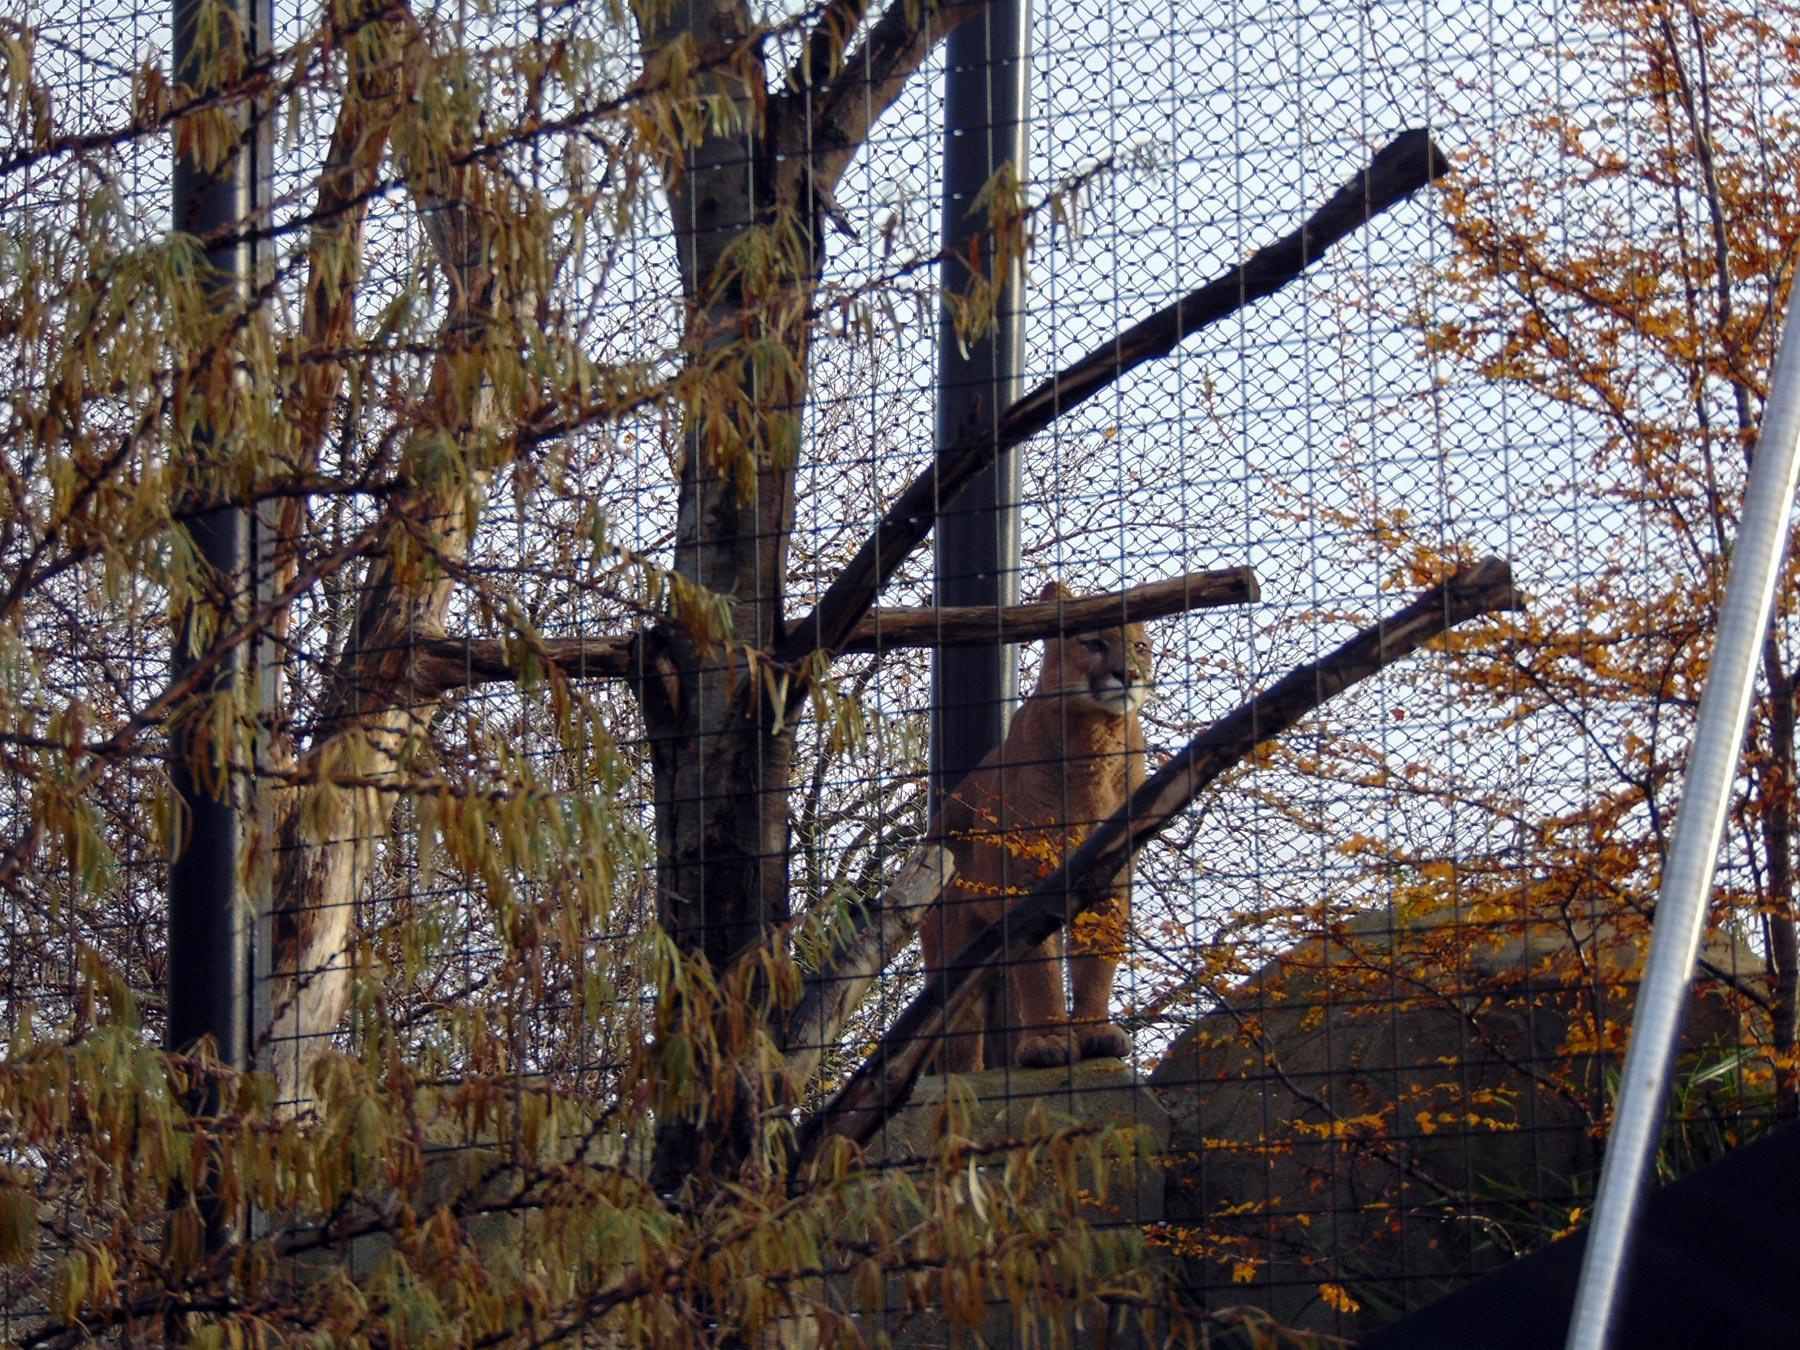 клетки с хищниками венсенского зоопарка в Париже